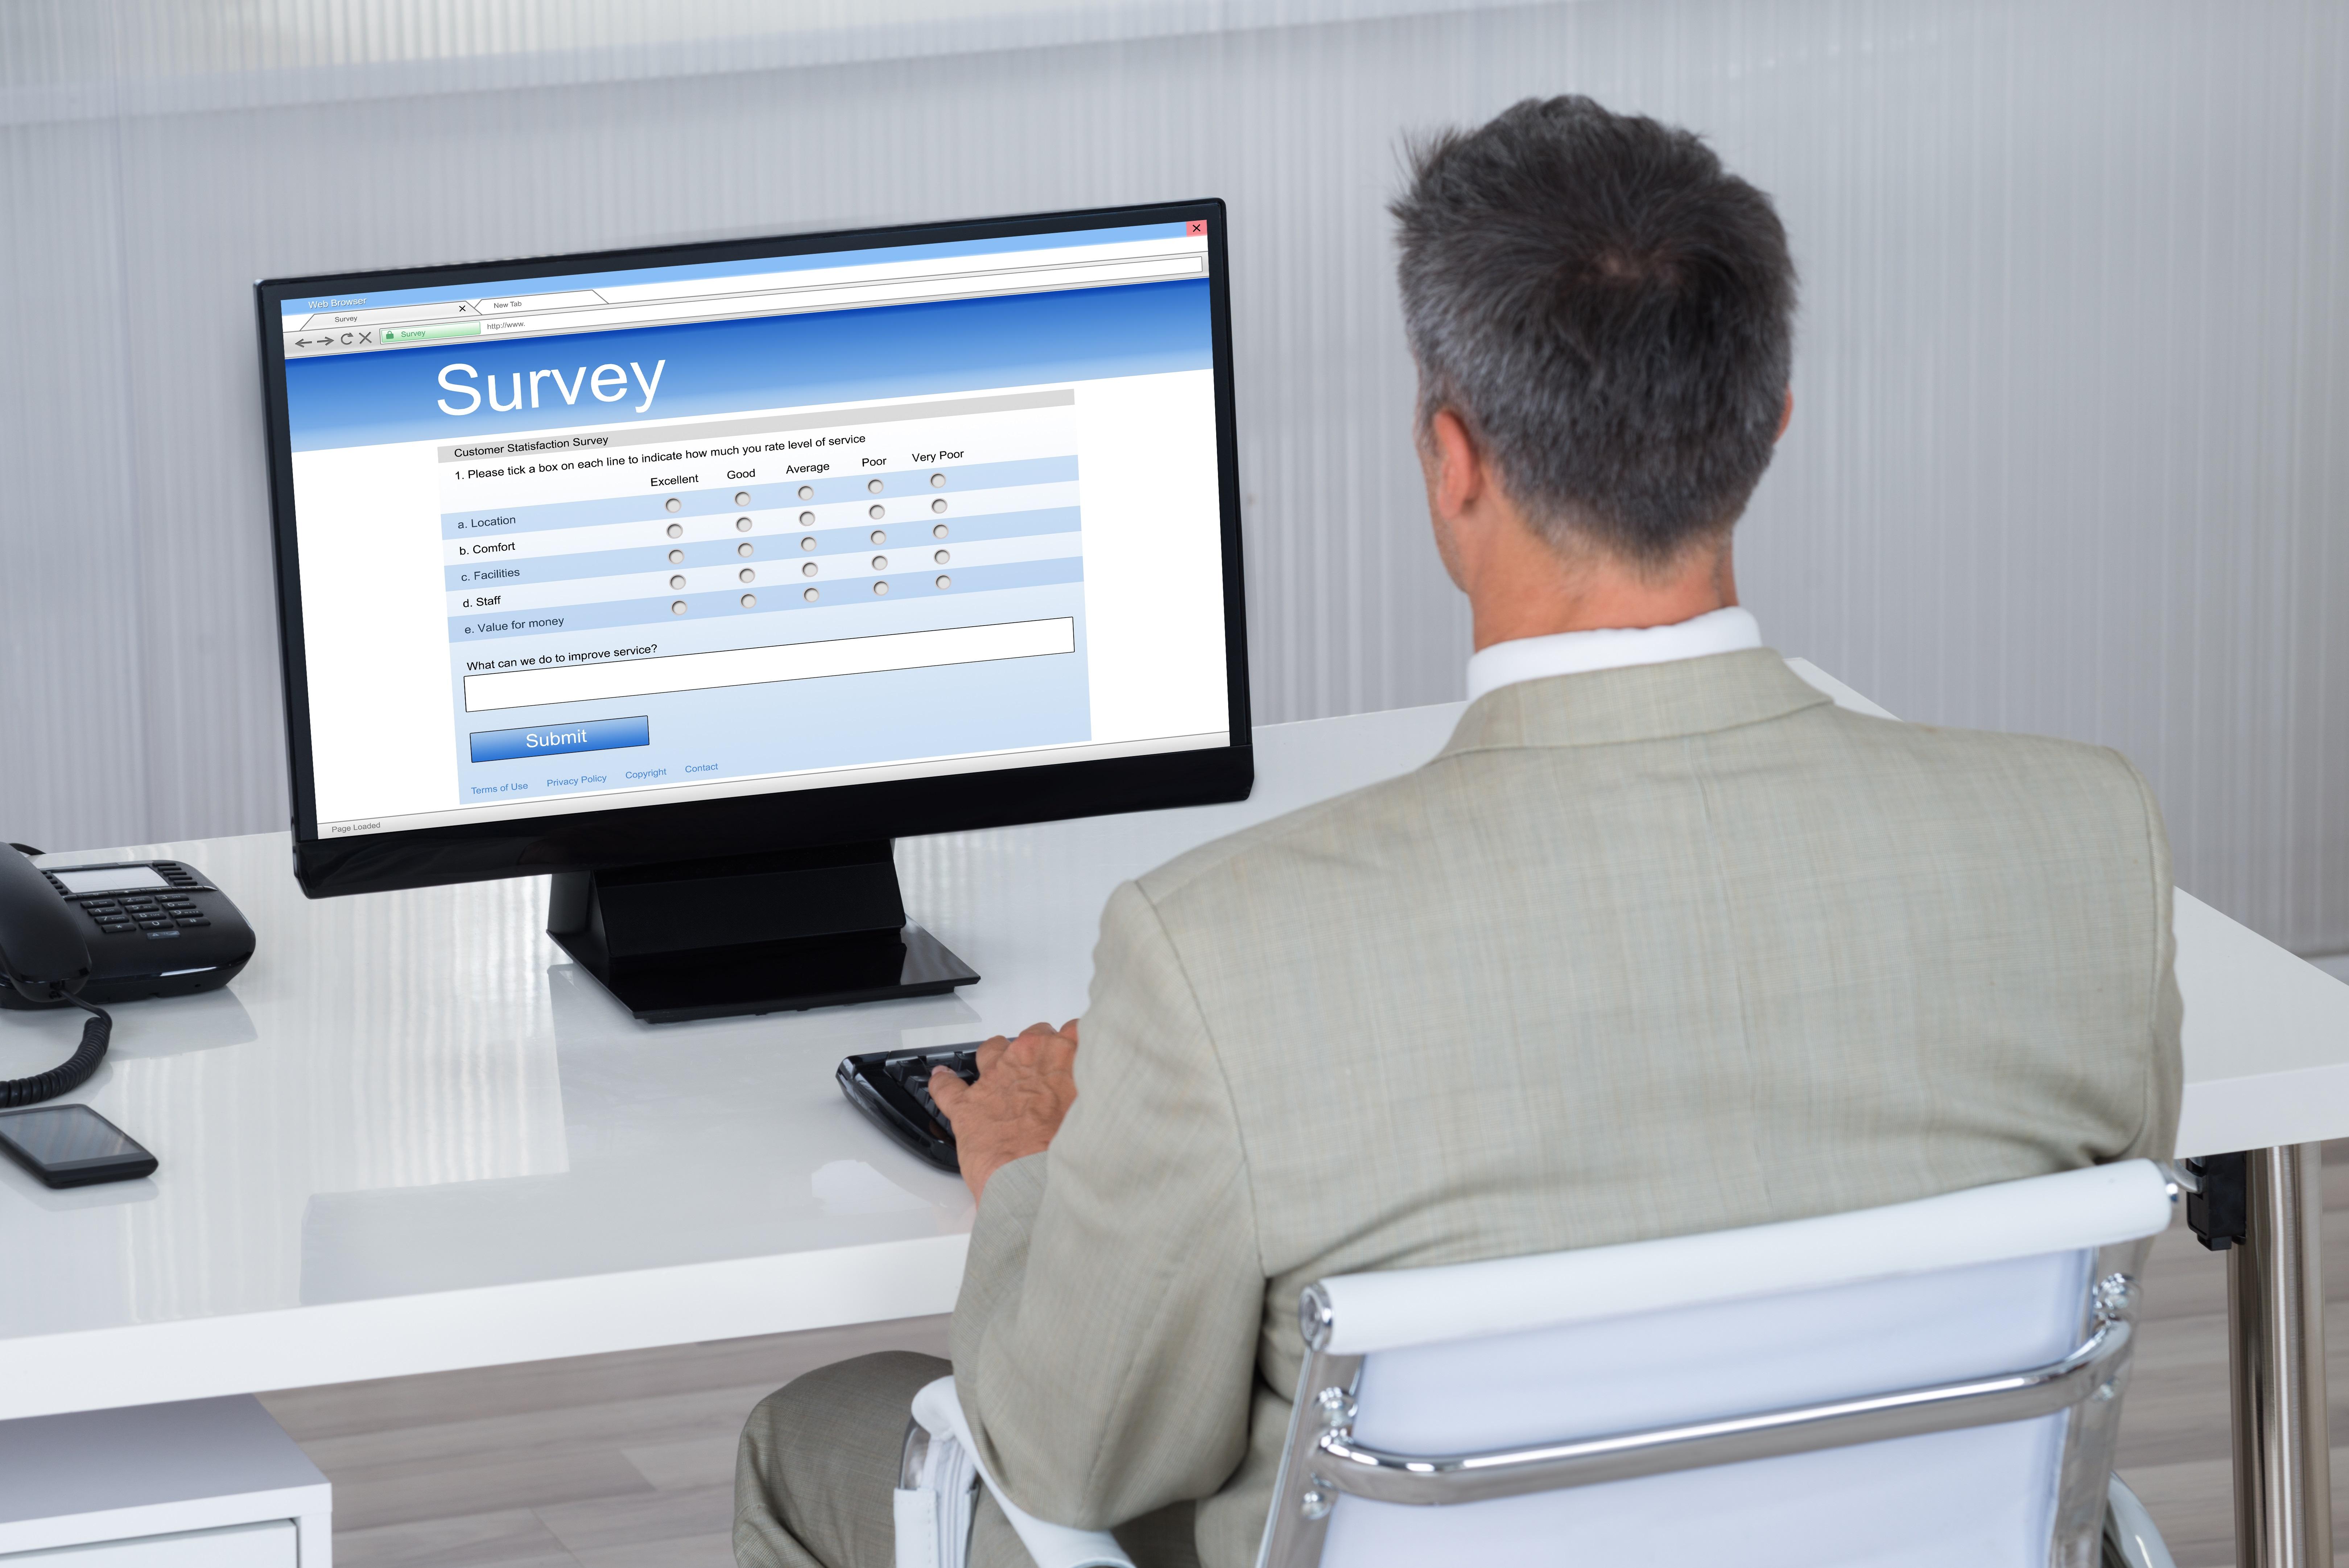 Businessman Filling Survey Form On Computer At Desk